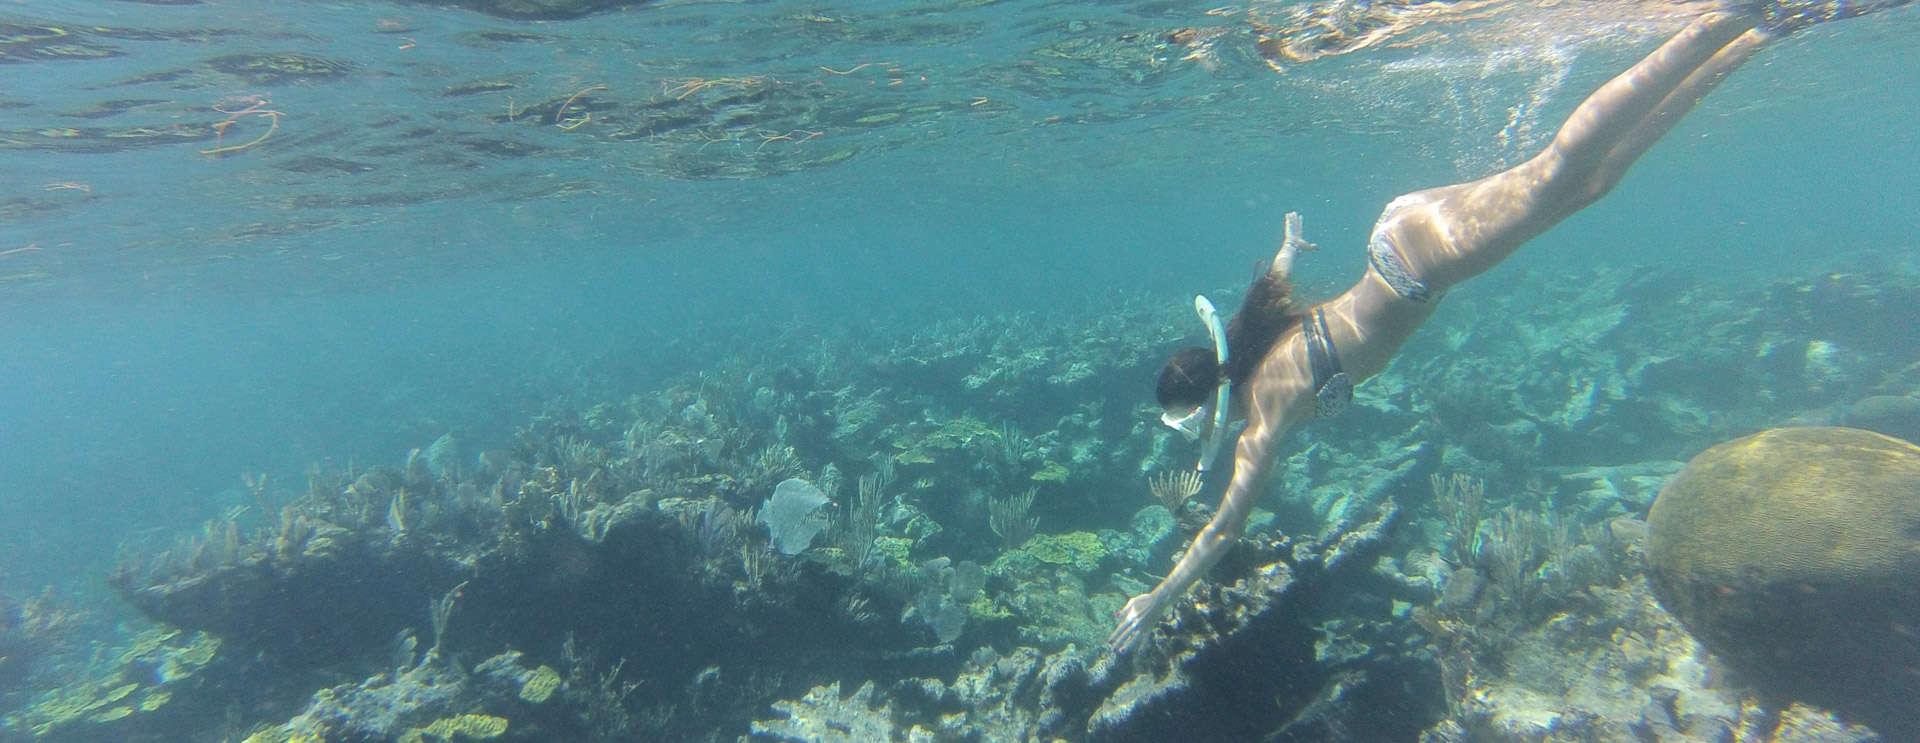 Green Turtle Marina Bahamas